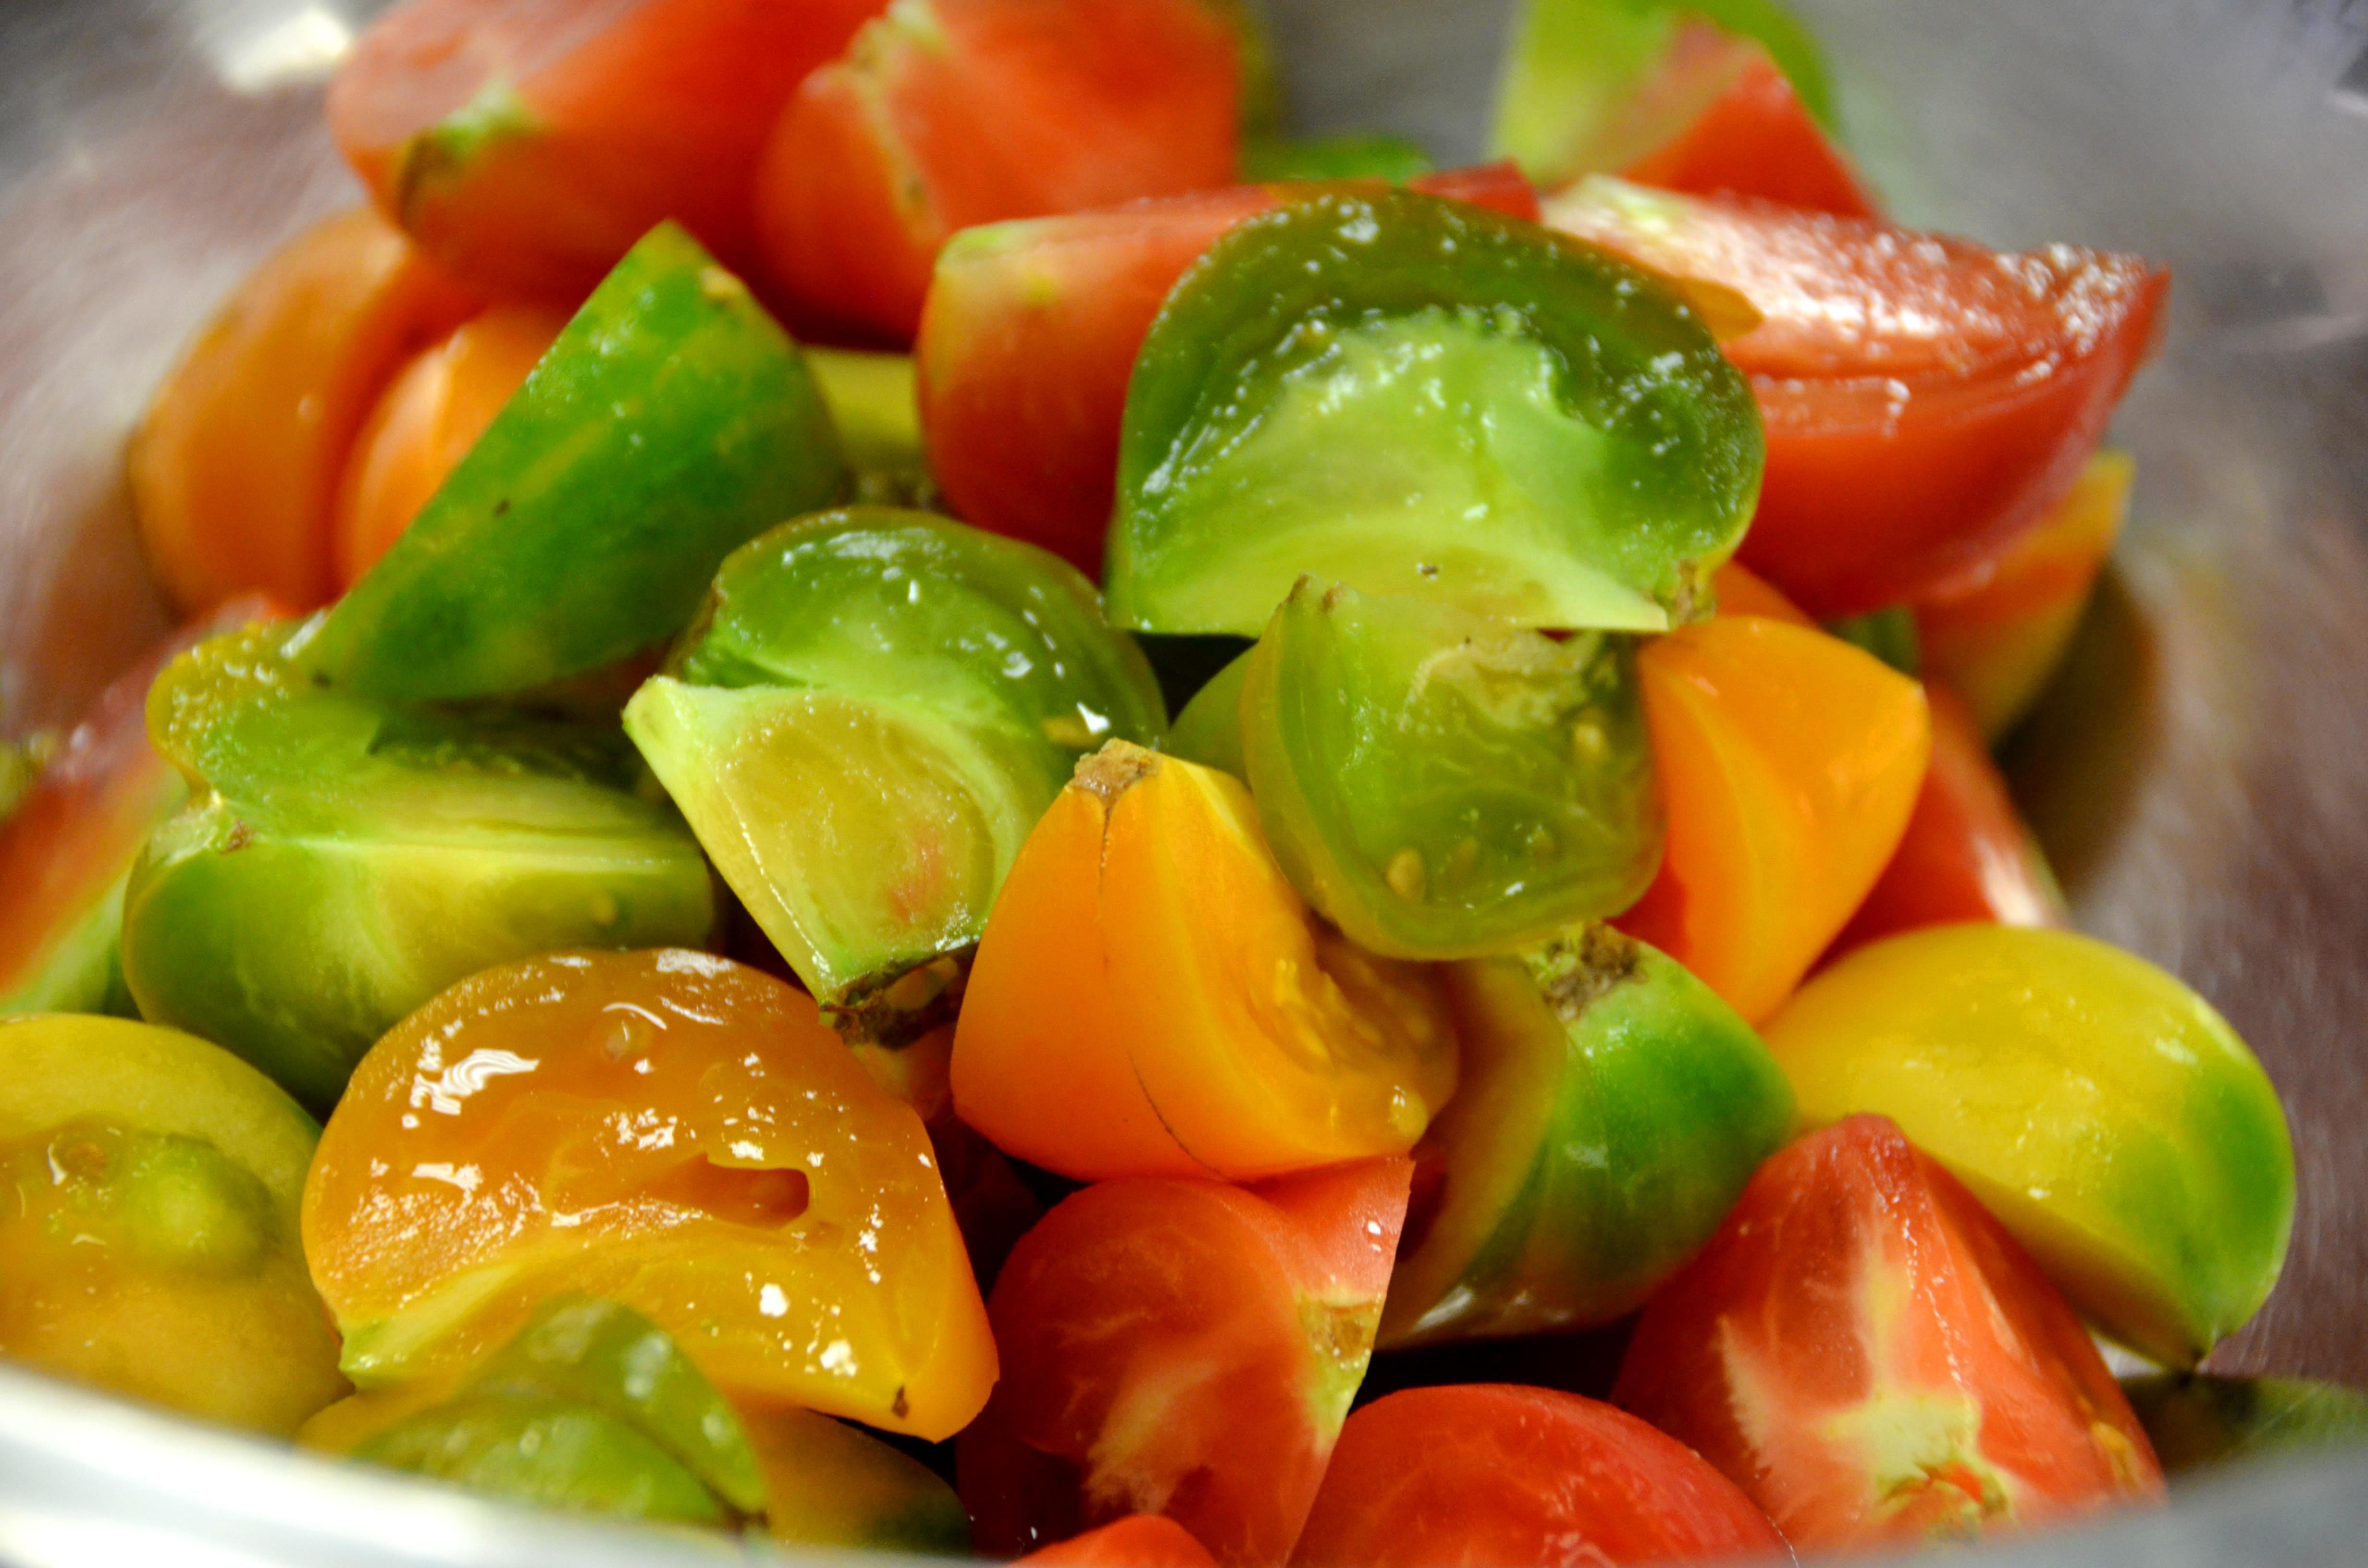 #vegetales #organico #ensenada #huerto